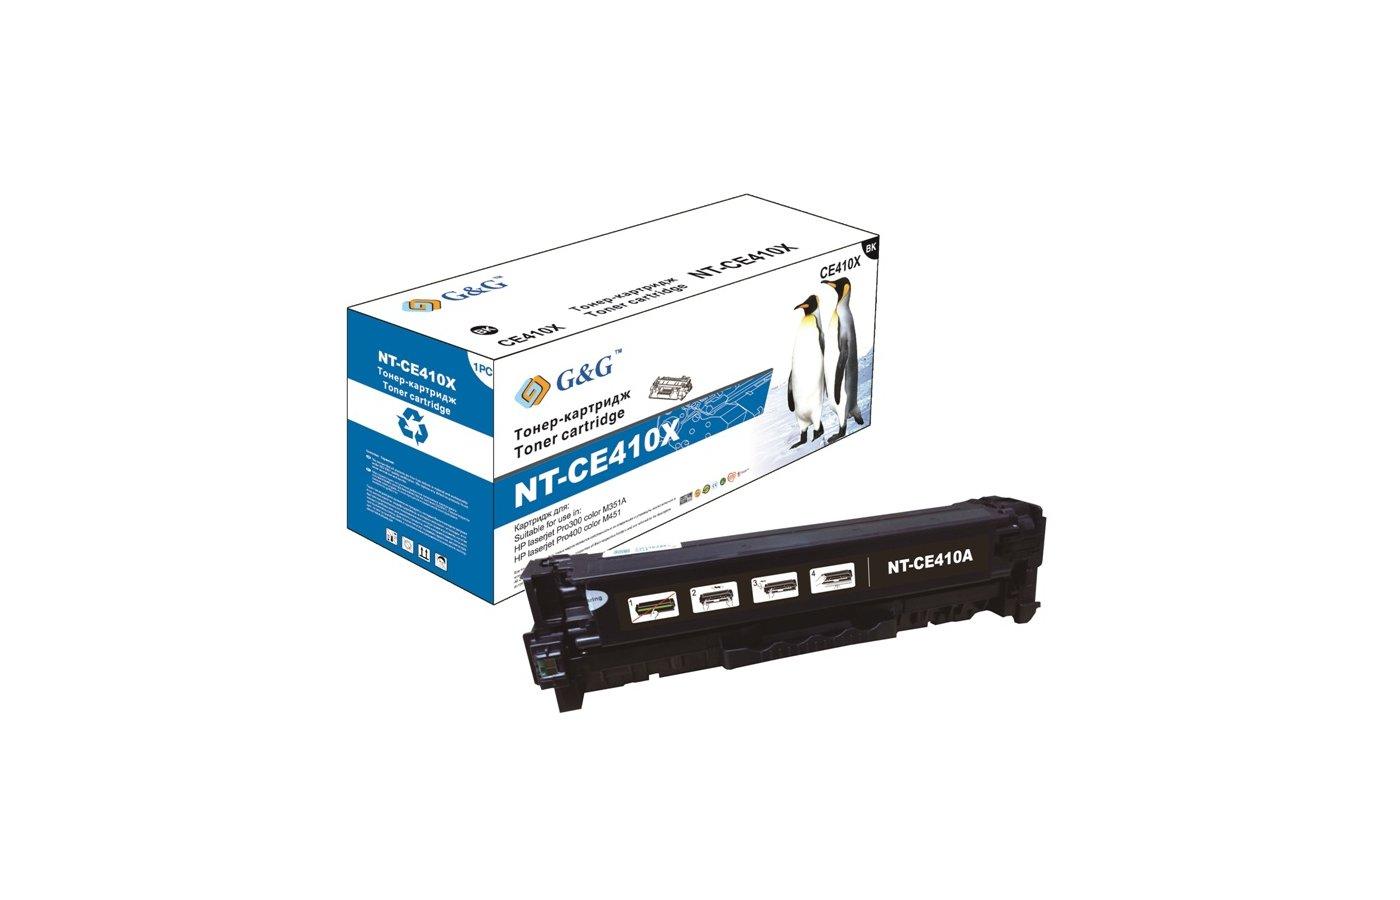 Картридж лазерный GG NT-CE410X черный для HP LaserJet Pro 300 color M351 Pro400 color M451